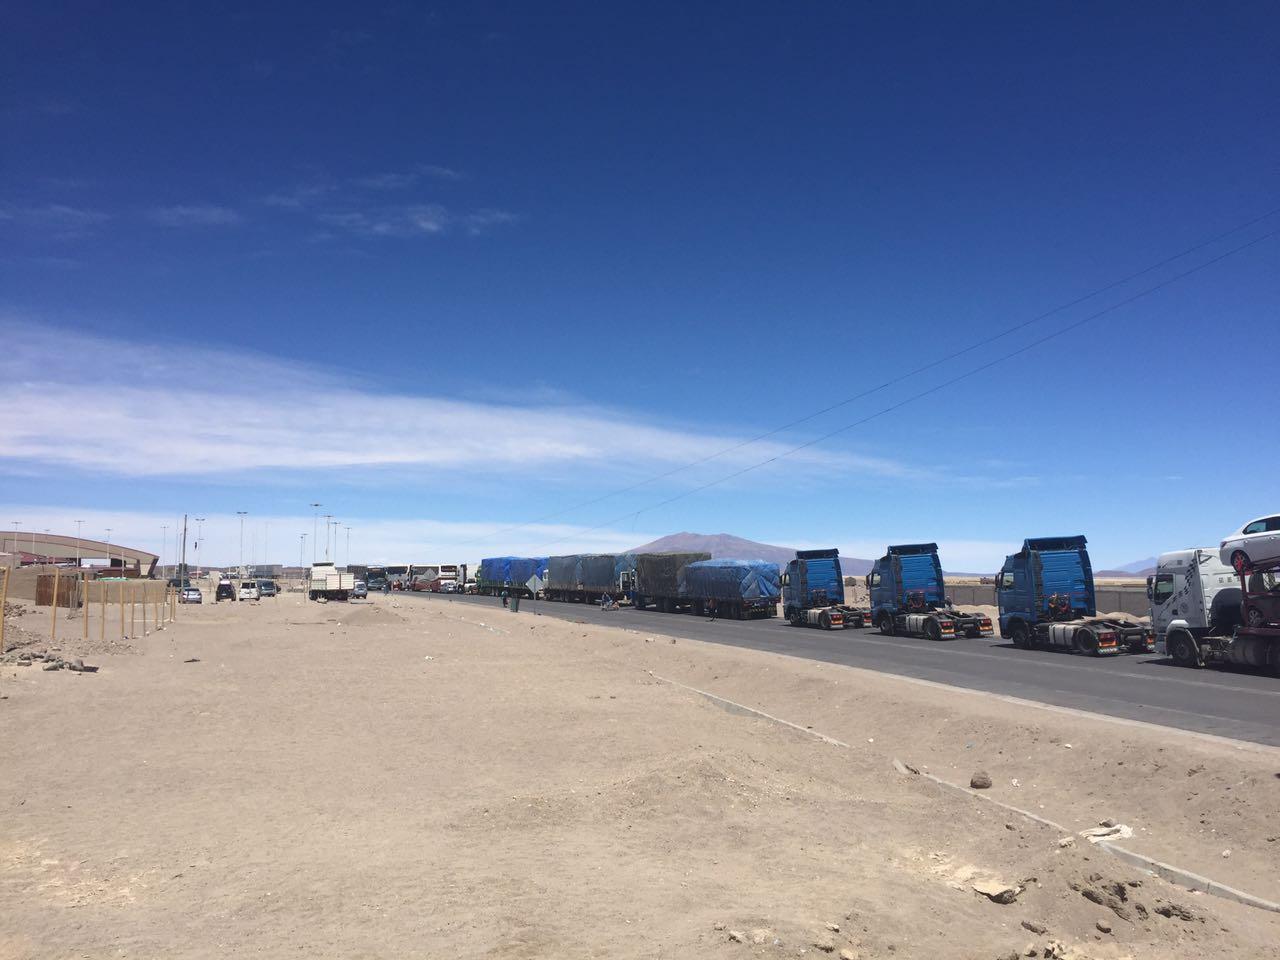 Camiones en la frontera con Bolivia (Tambo Quemado-Chungará)